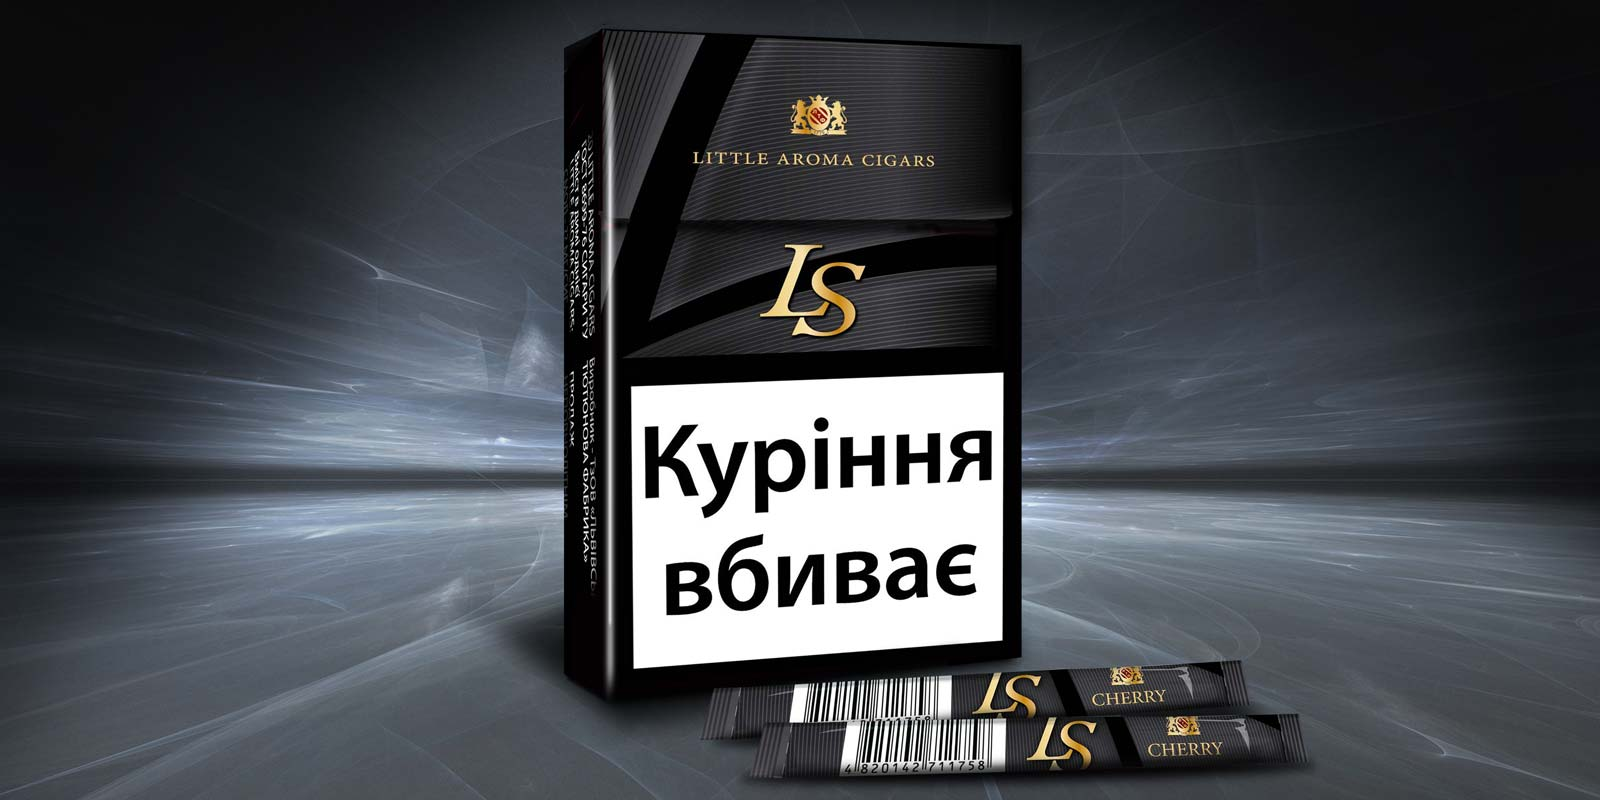 TM LS;;;;;;Разработка дизайна упаковки и стика для сигарет LS Little Aroma Cigars ;;;;;;<span>Клиент:</span> Львовская табачная Фабрика;;;;;;;;;;;;Разработка дизайна упаковки и стика для сигарет LS Little Aroma Cigars ;;;;;;2